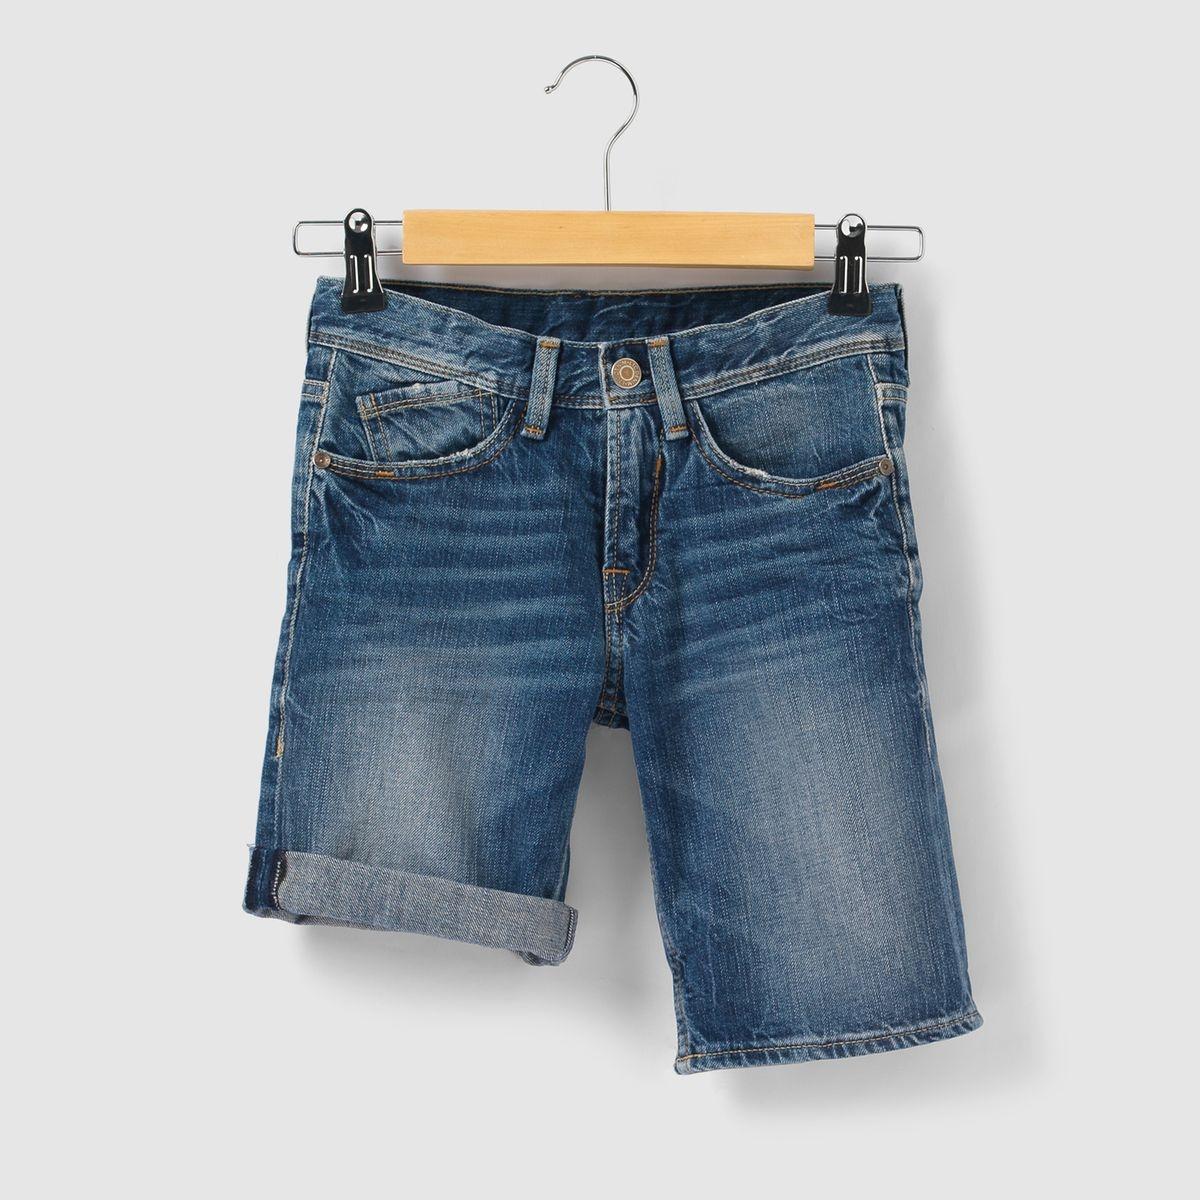 Le bermuda jean WARRIOR JAPAN RAGS. 5 poches. Revers. Taille élastiquée. Fermeture zippée.Composition et détailsMatière 100% cotonMarque JAPAN RAGSBermuda jean WARRIOR 8 - 16 ans. JAPAN RAGS.